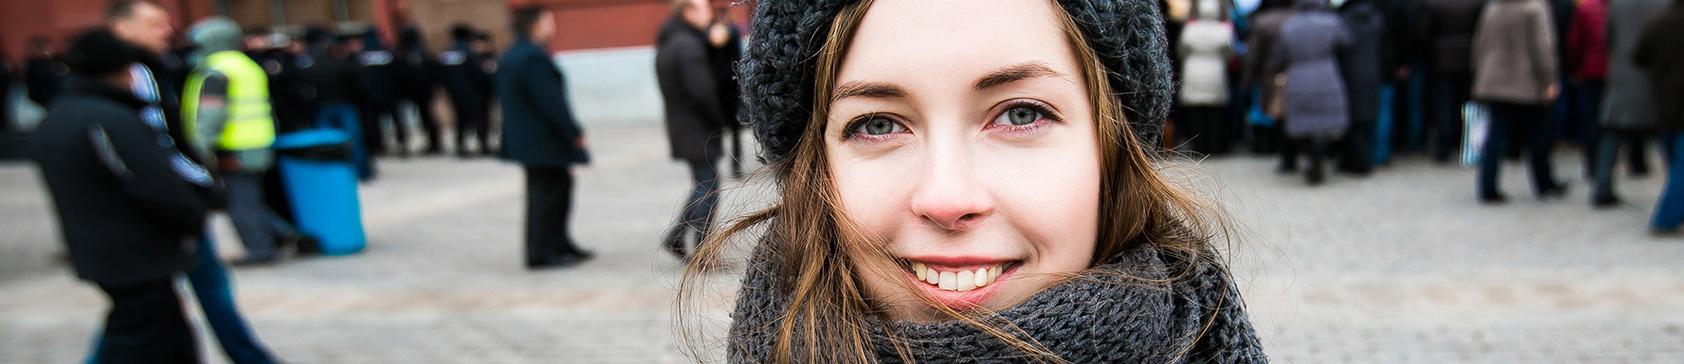 Lohnspiegel.org/Österreich - Karrieretipps für Menschen aus Österreich